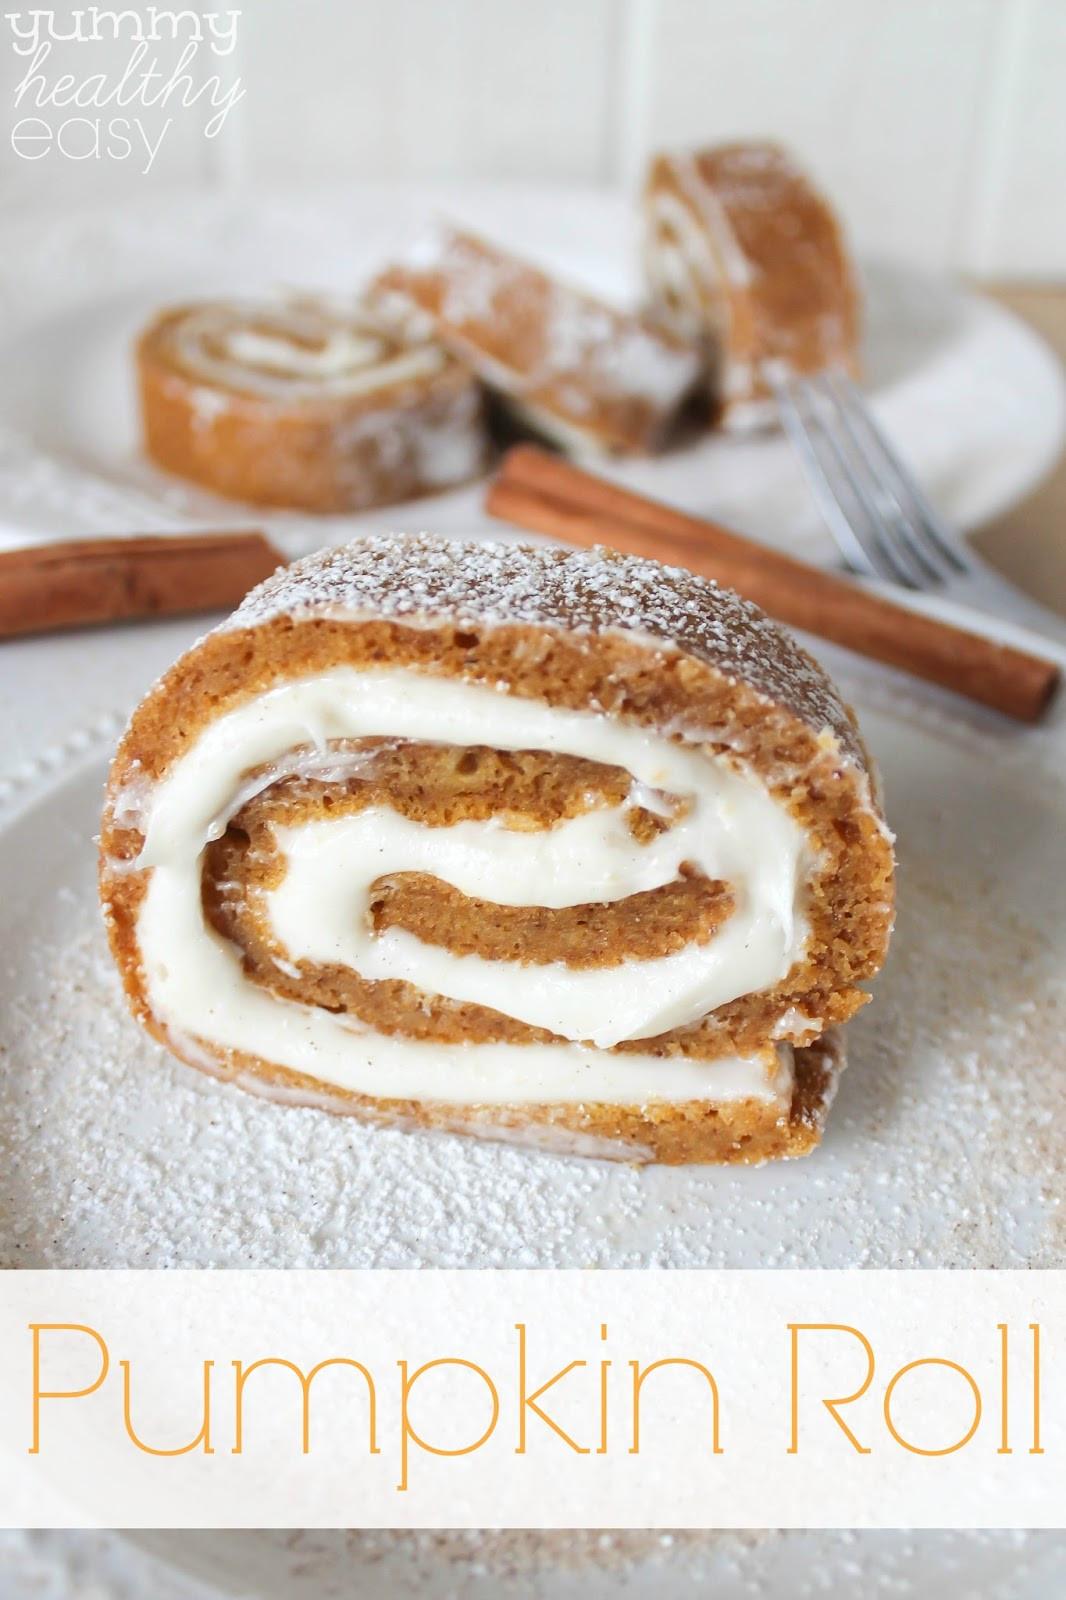 Pumpkin Dessert Recipes Easy  Easy Pumpkin Roll Dessert Yummy Healthy Easy